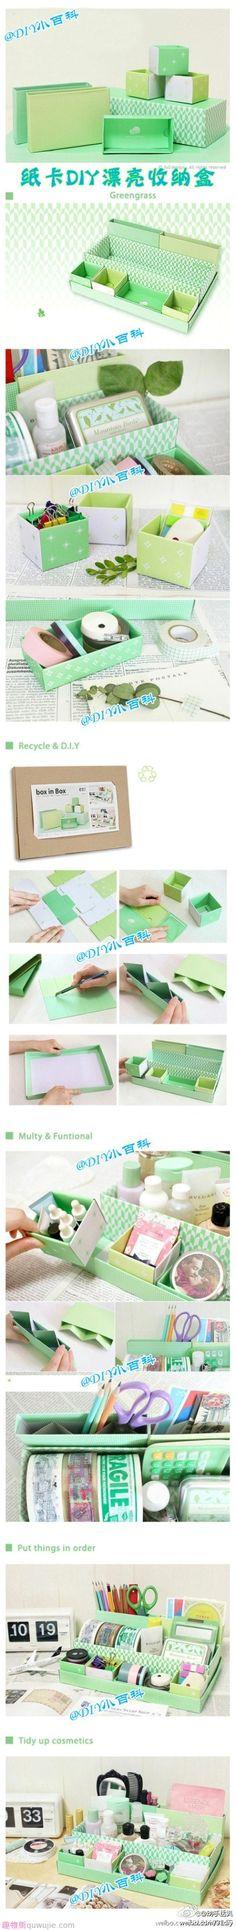 【纸卡DIY漂亮收纳盒】 为什么我都把纸板扔掉了撒!!!可惜啦!!!你的纸盒嘞? - 分享 - 趣物街_手工DIY_手绘插画_折纸不织布,创意生活分享平台!